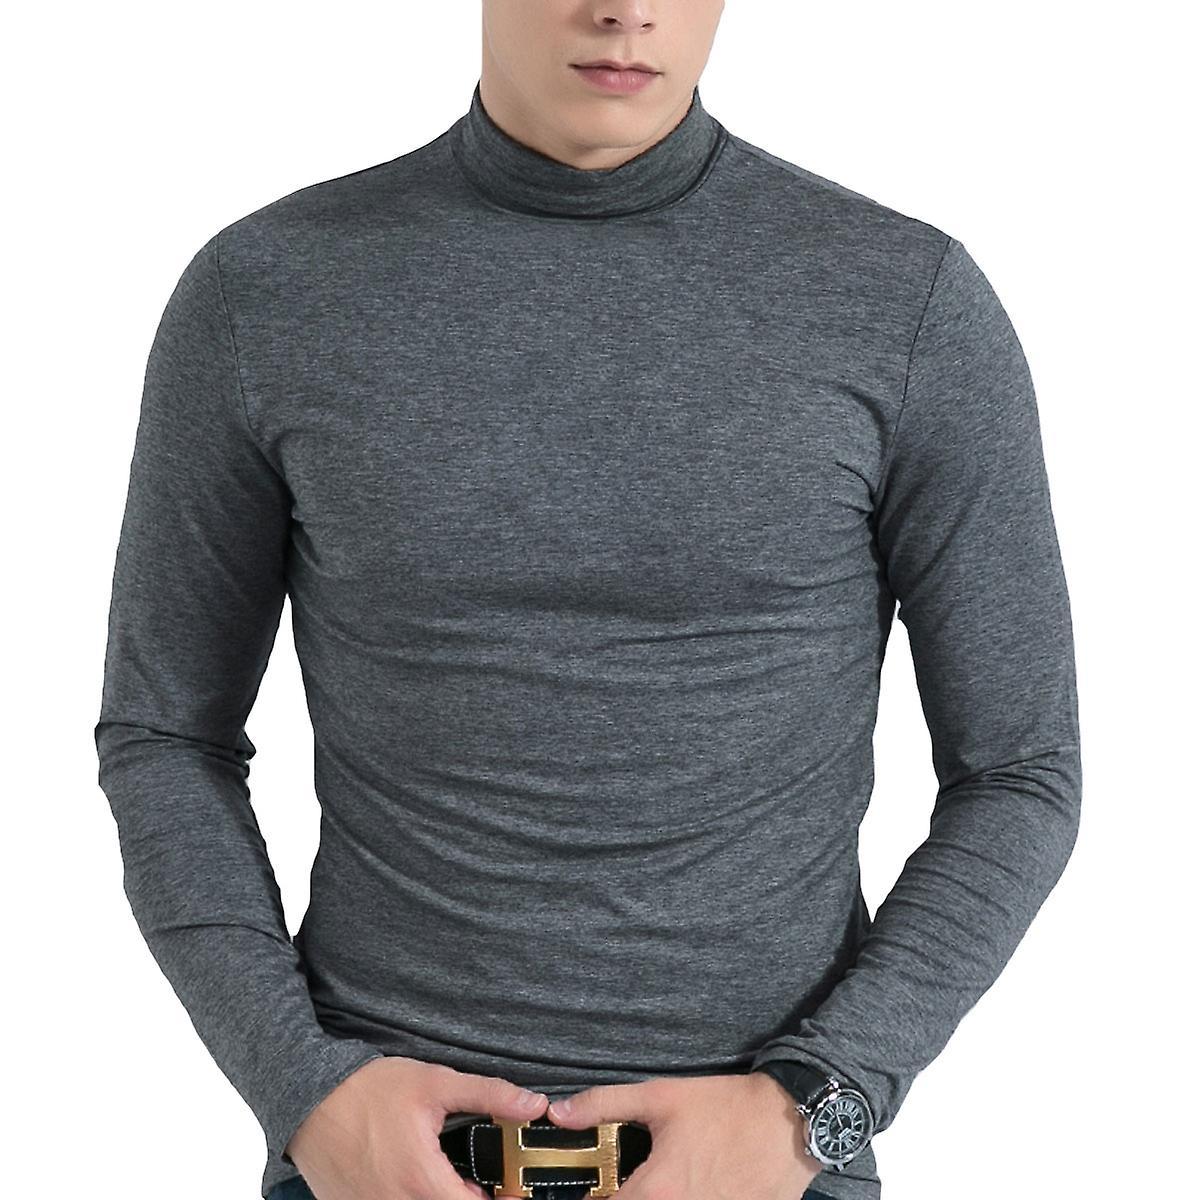 T-Shirt 3D Printed Taurus Glitter Sparkle Zodiac Sign Casual Tees